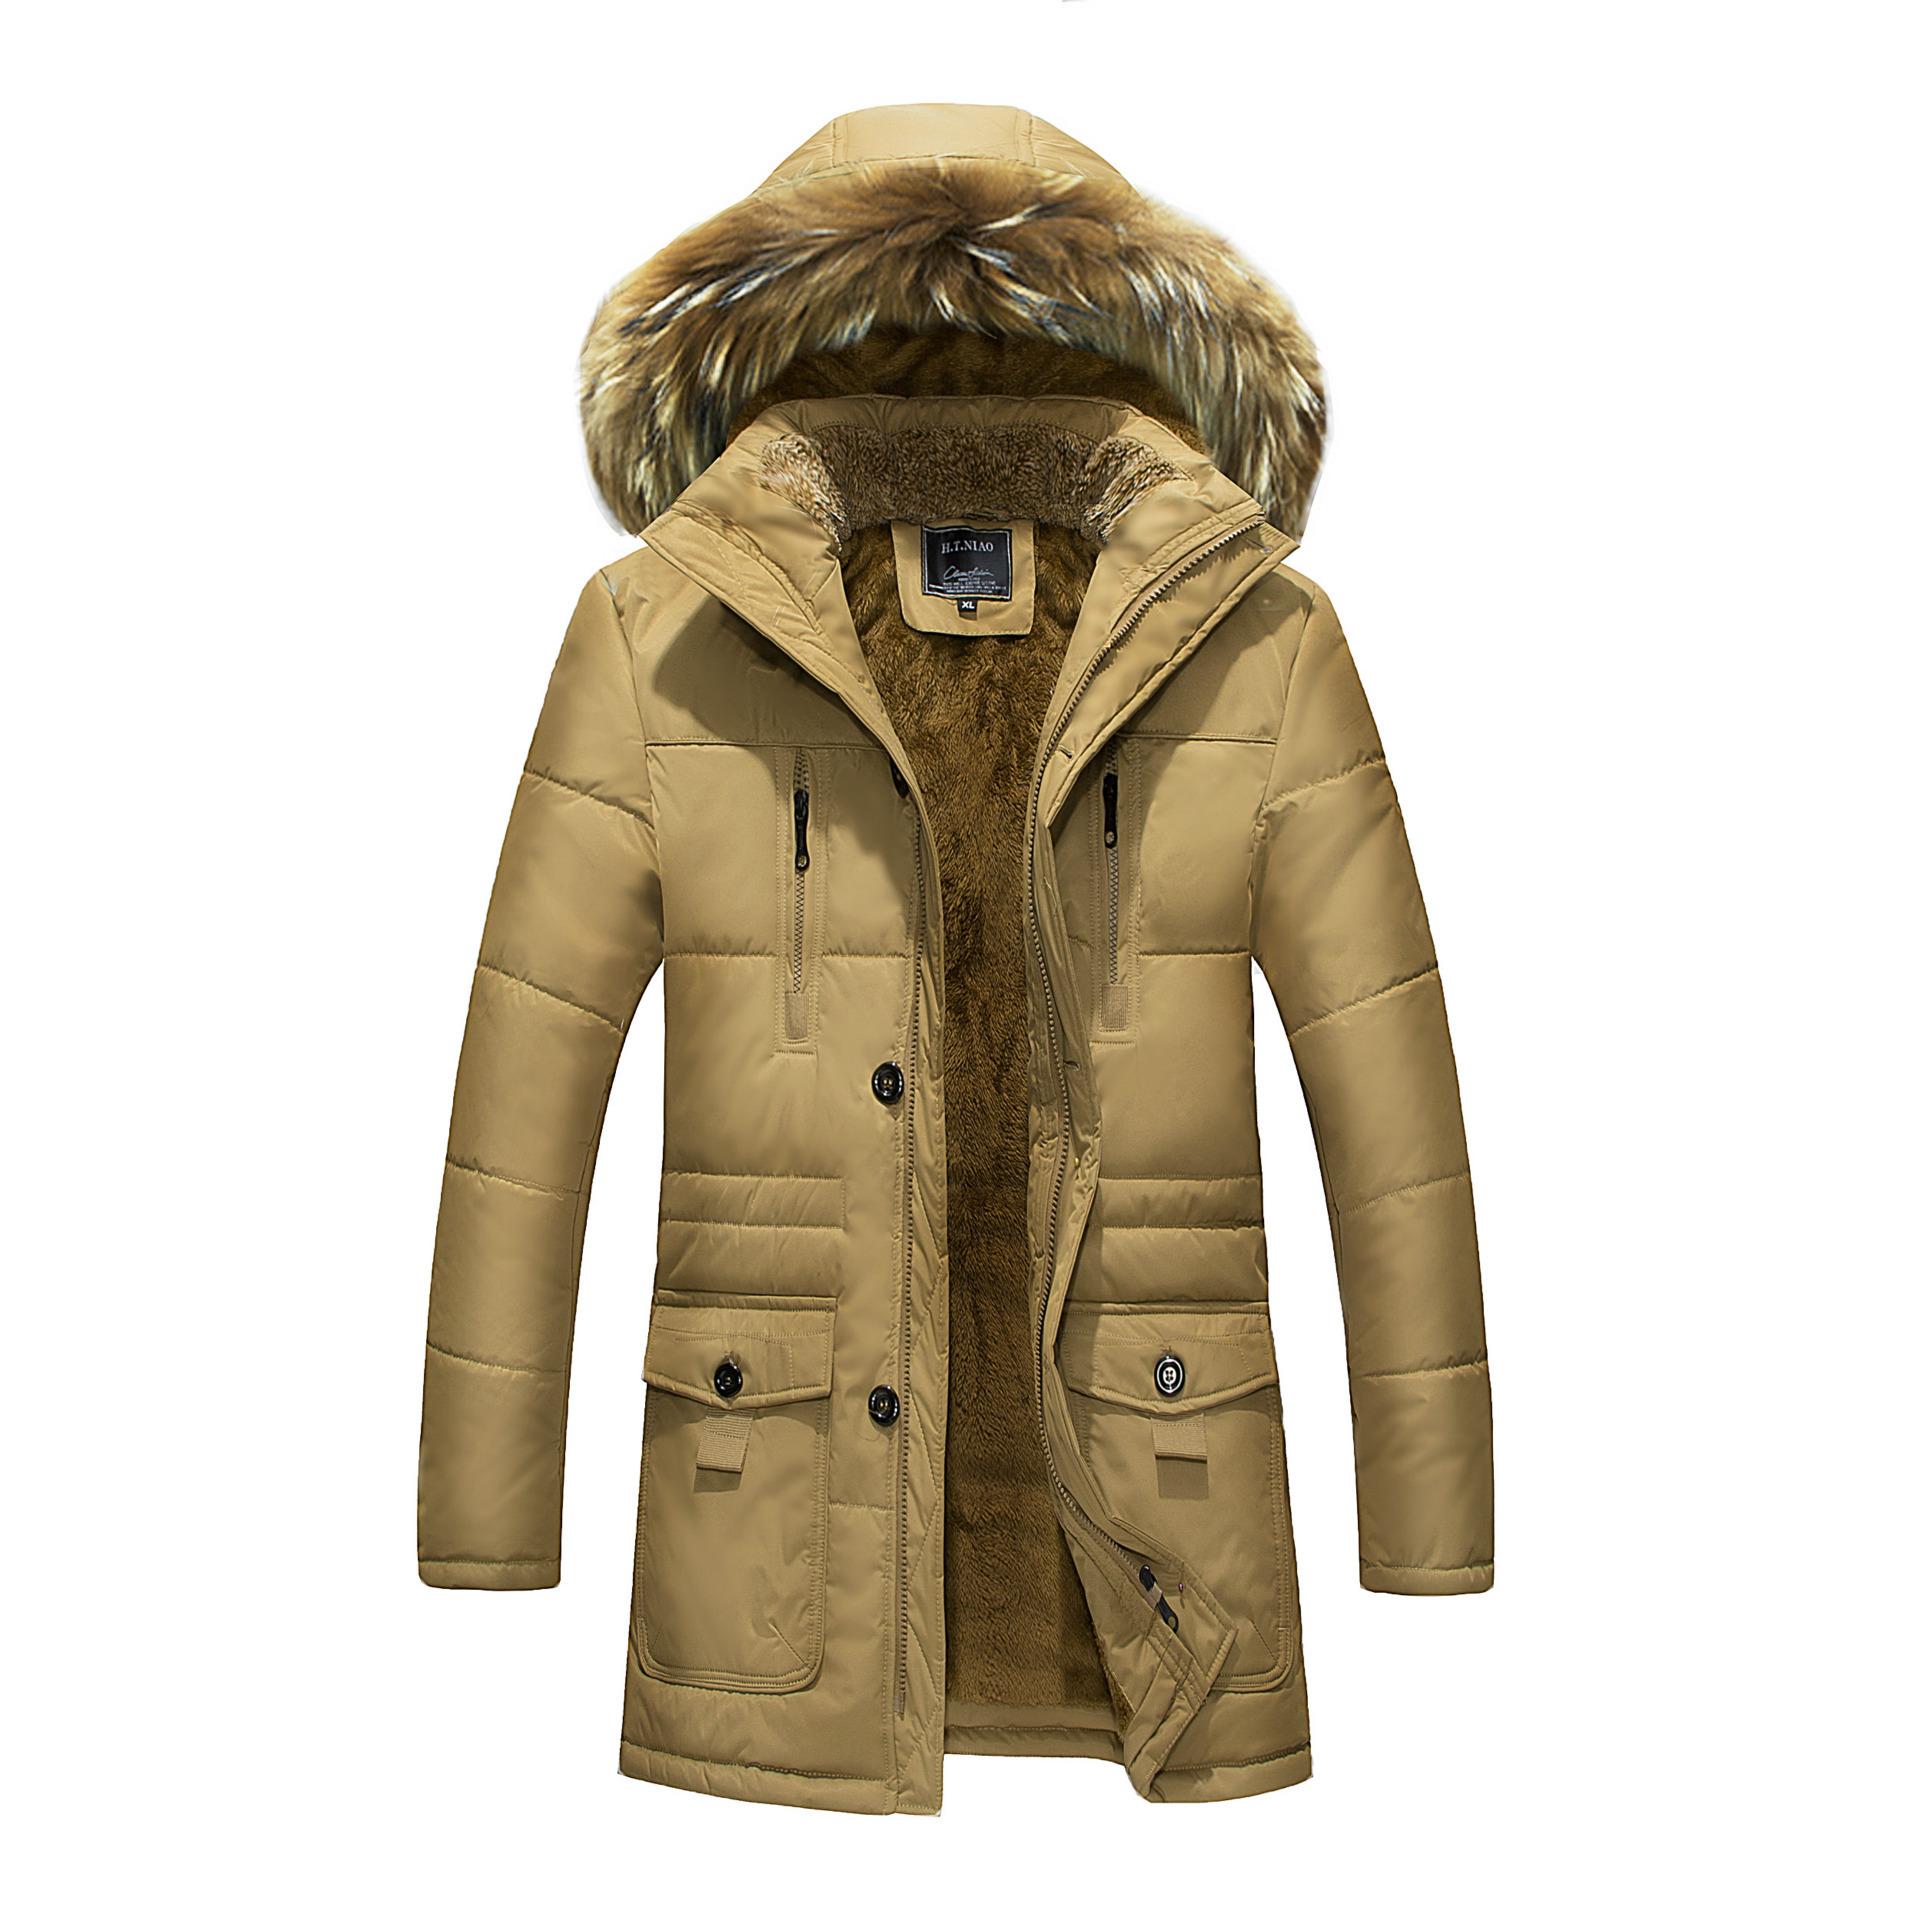 秋冬新款加绒加厚棉衣男士欧美大码宽松连帽保暖棉服羽绒外套大衣